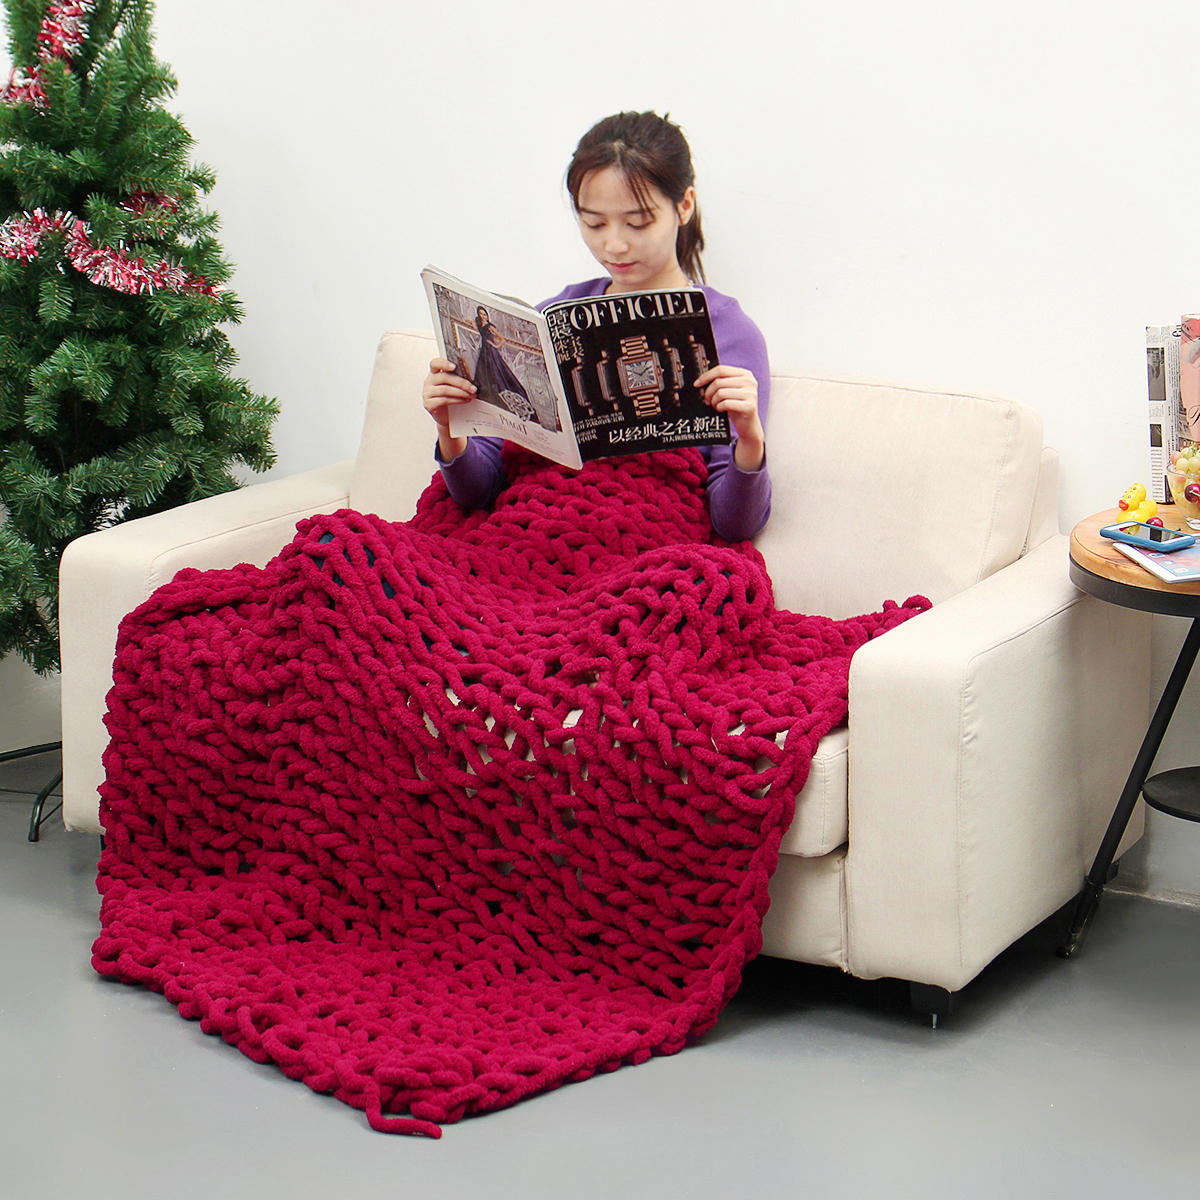 80 x 100 cm handgemachte gestrickte Decke Baumwolle Soft Waschbare fusselfreie Überwurfdecken - 1